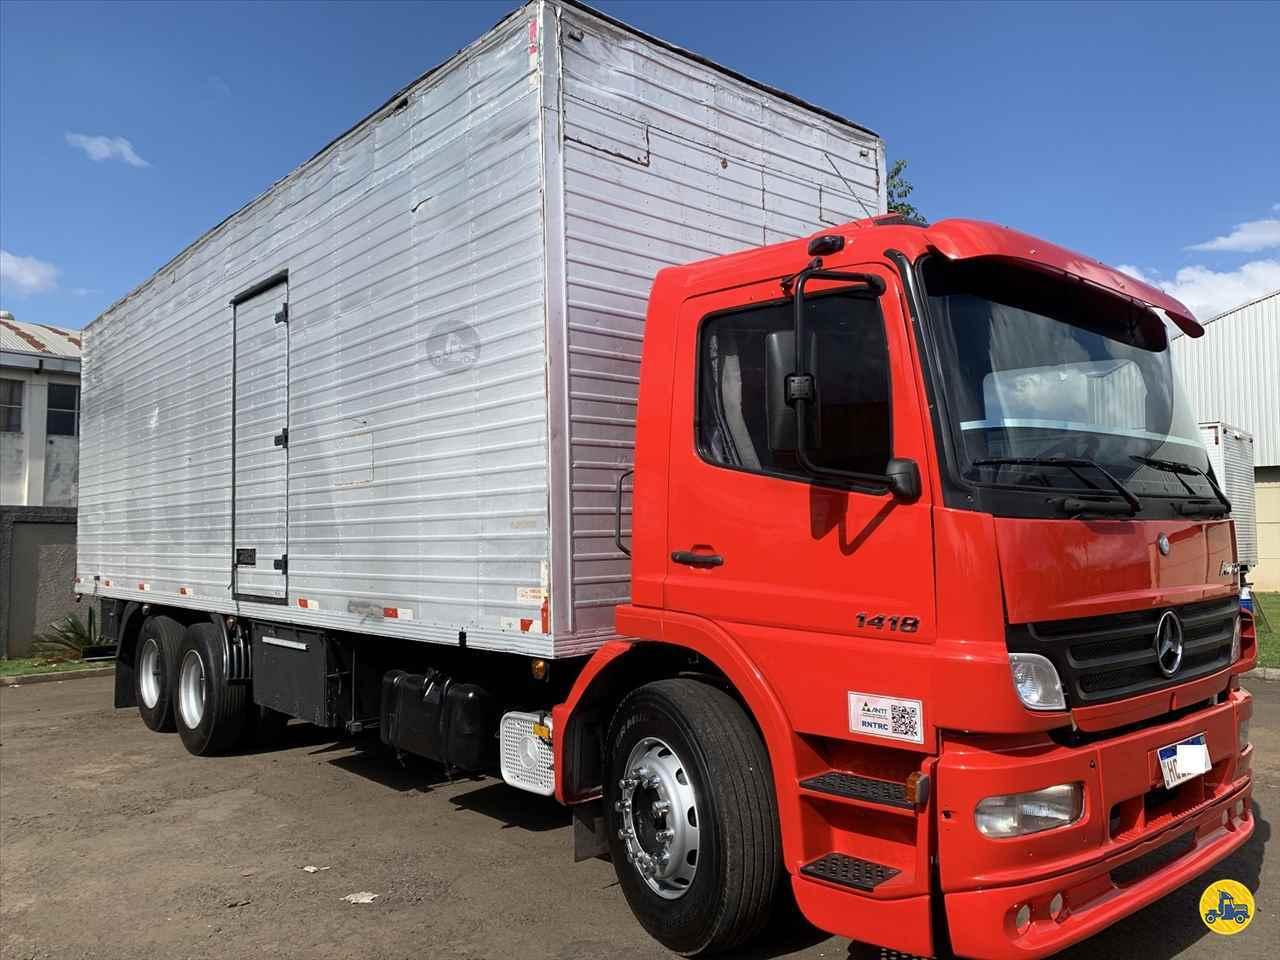 CAMINHAO MERCEDES-BENZ MB 1418 Baú Furgão Truck 6x2 Estacionamento Gaucho ARAPONGAS PARANÁ PR